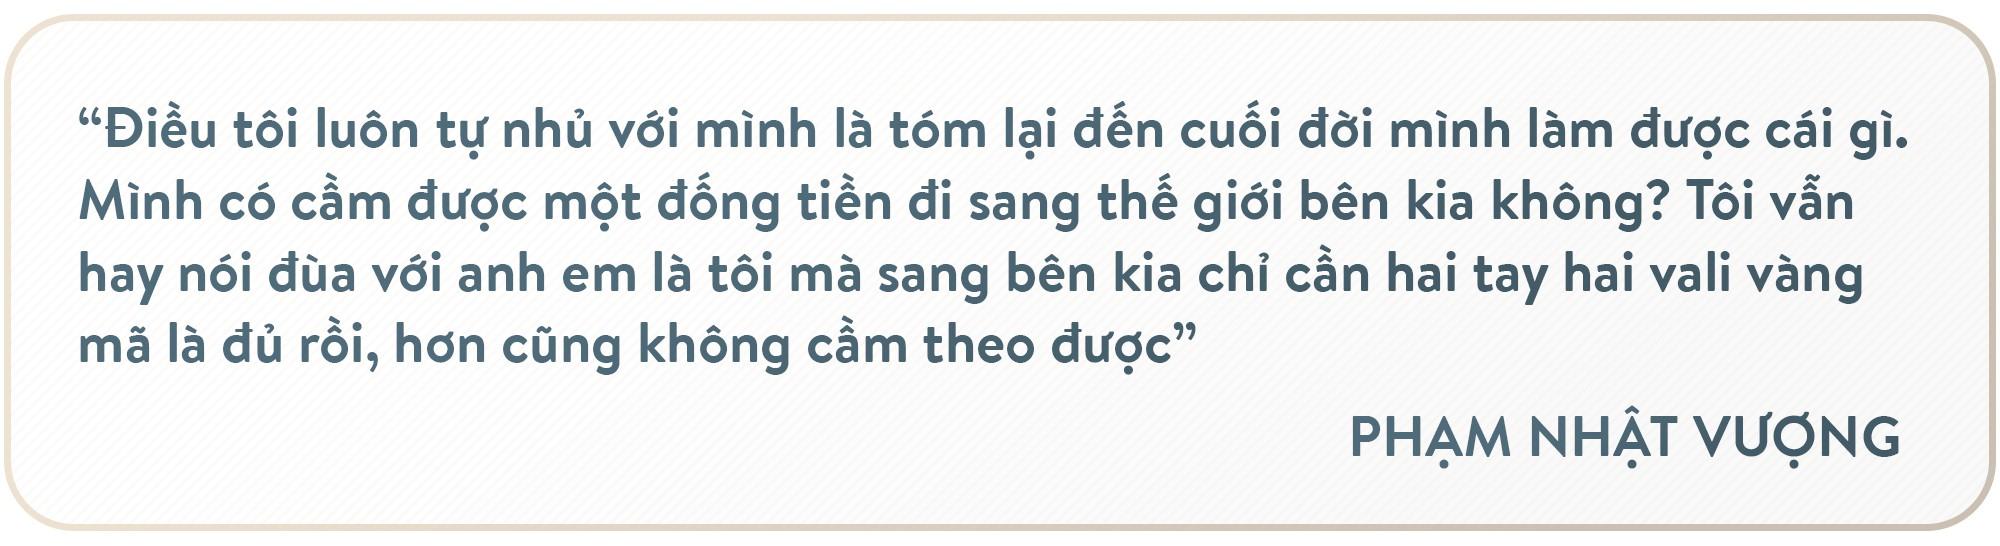 Ông Phạm Nhật Vượng: Thế giới phải biết Việt Nam trí tuệ, đẳng cấp - Ảnh 35.